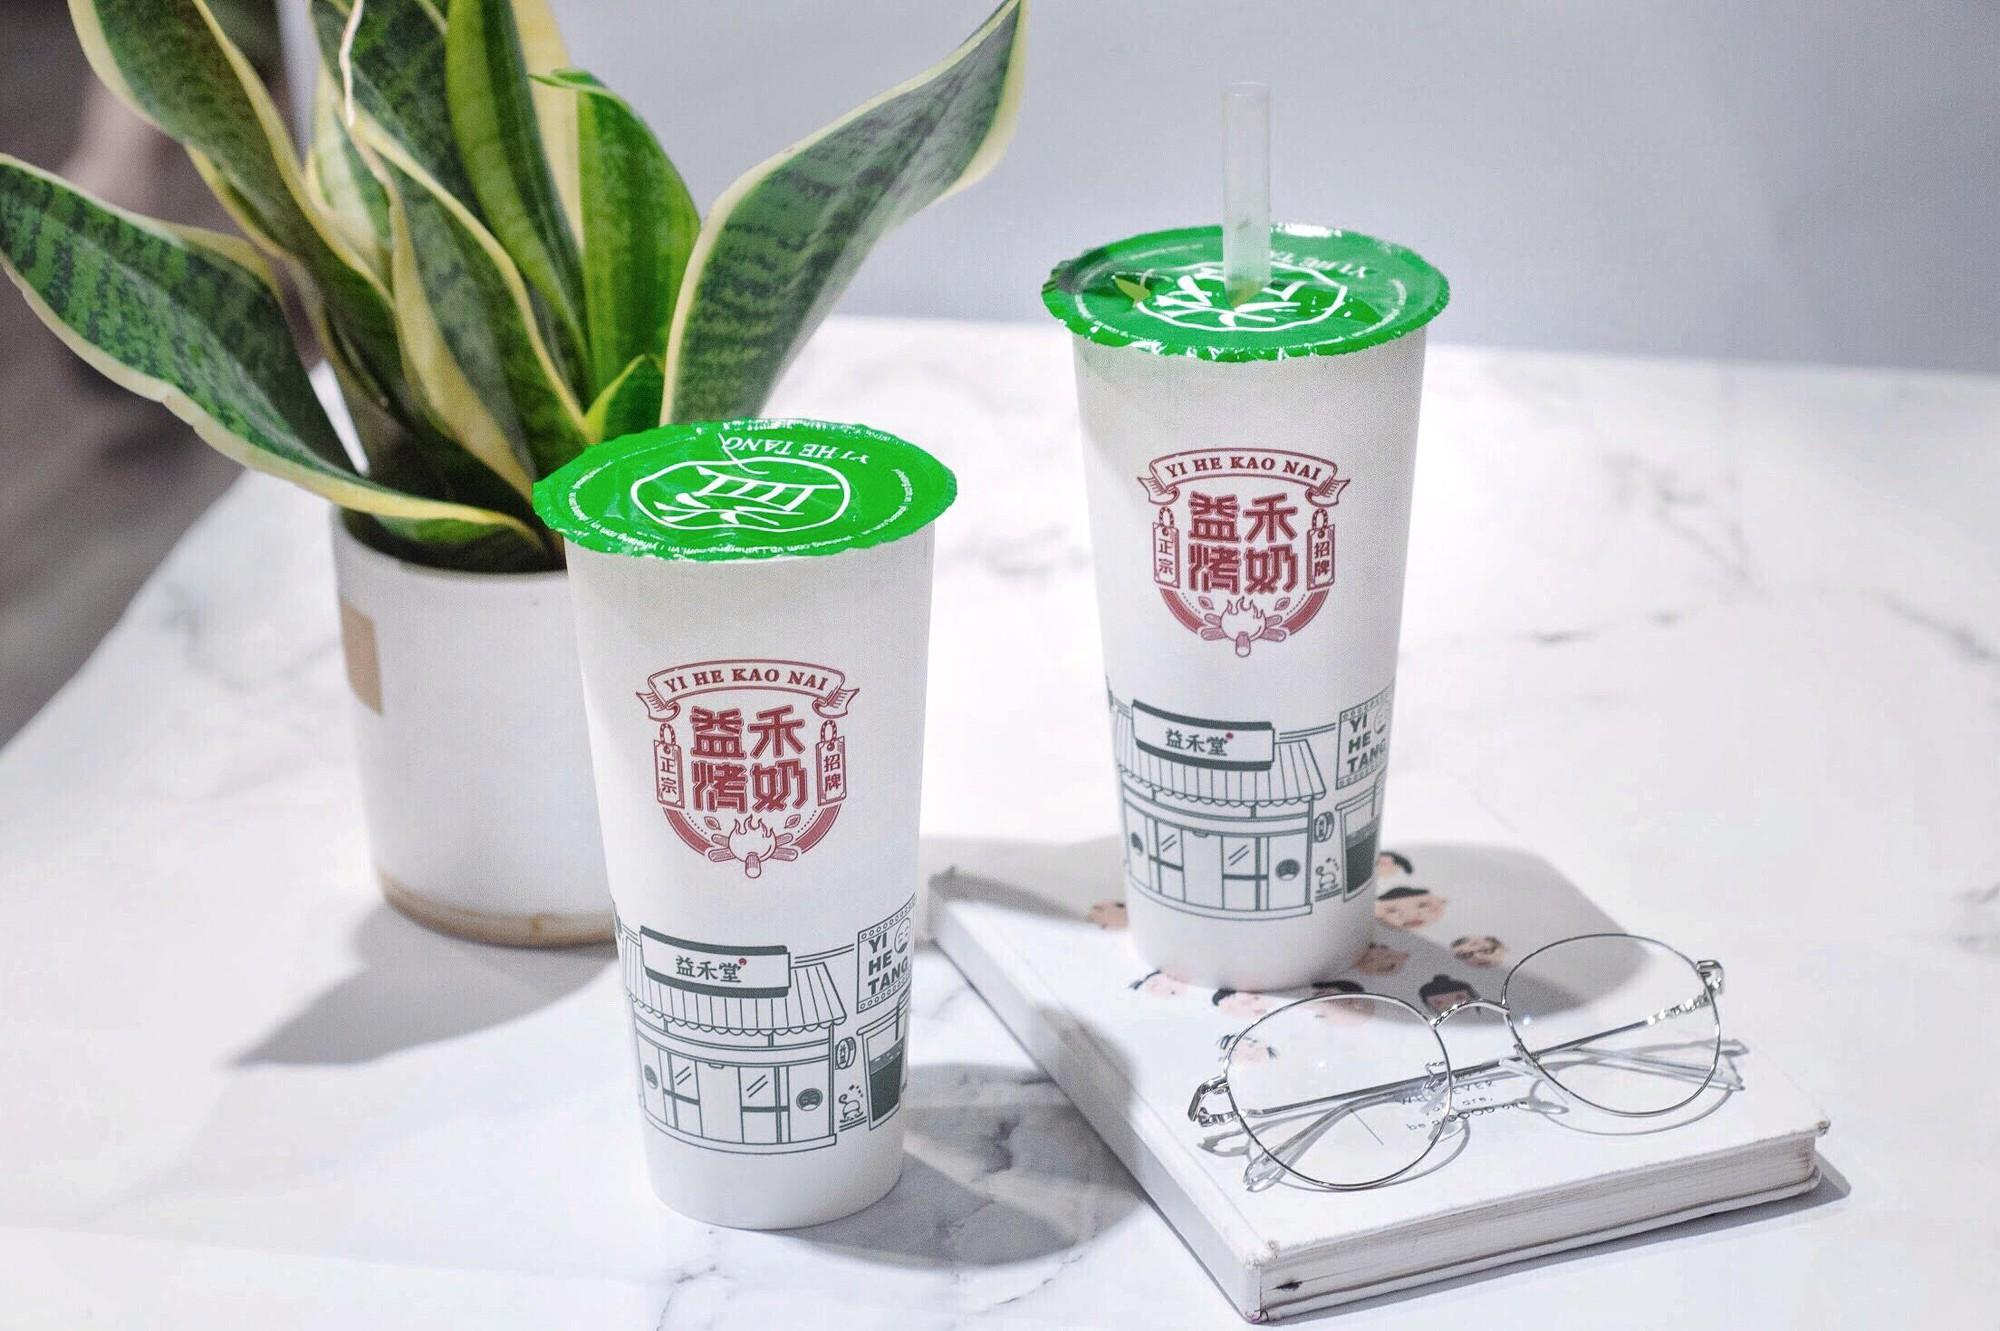 Bí mật đằng sau thương hiệu trà sữa nướng tiên phong tại Việt Nam - Ảnh 2.